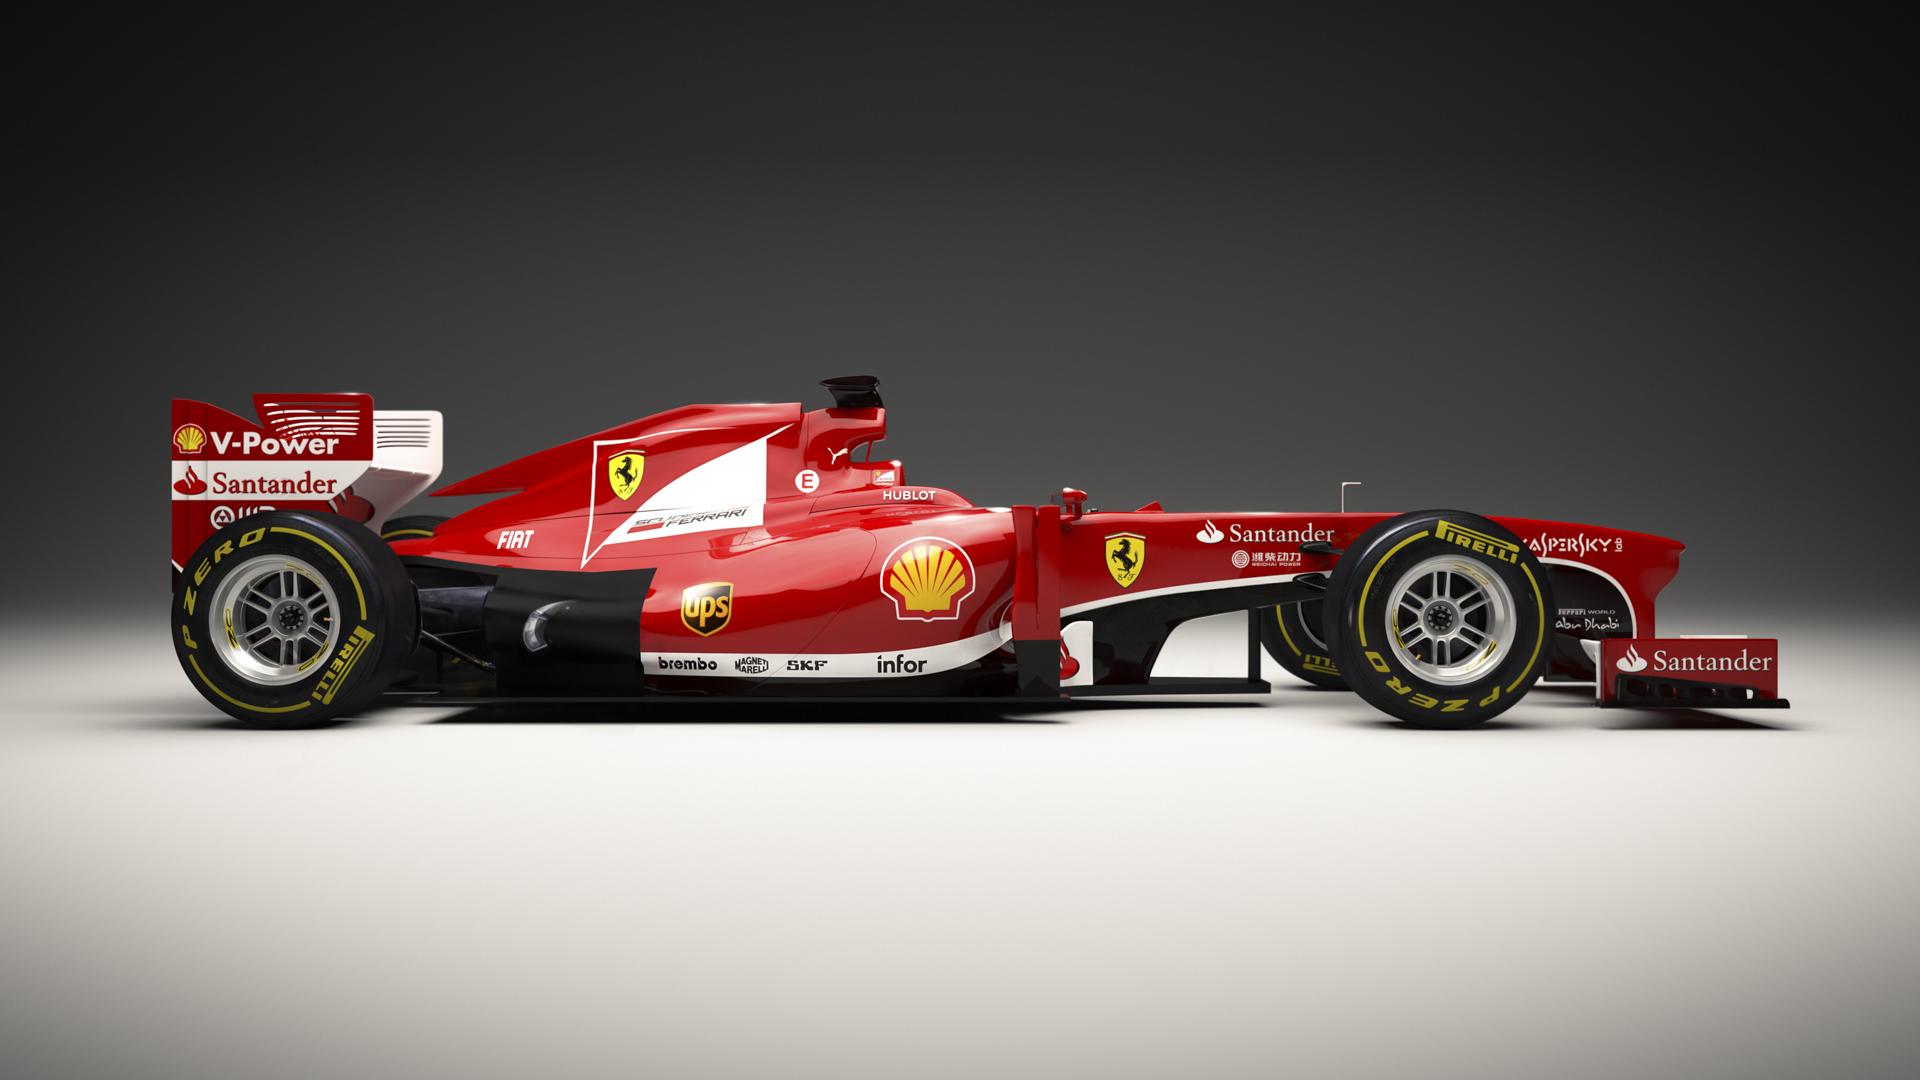 FerrariF138_Arnold_laterale4k_FinaleLR.jpg